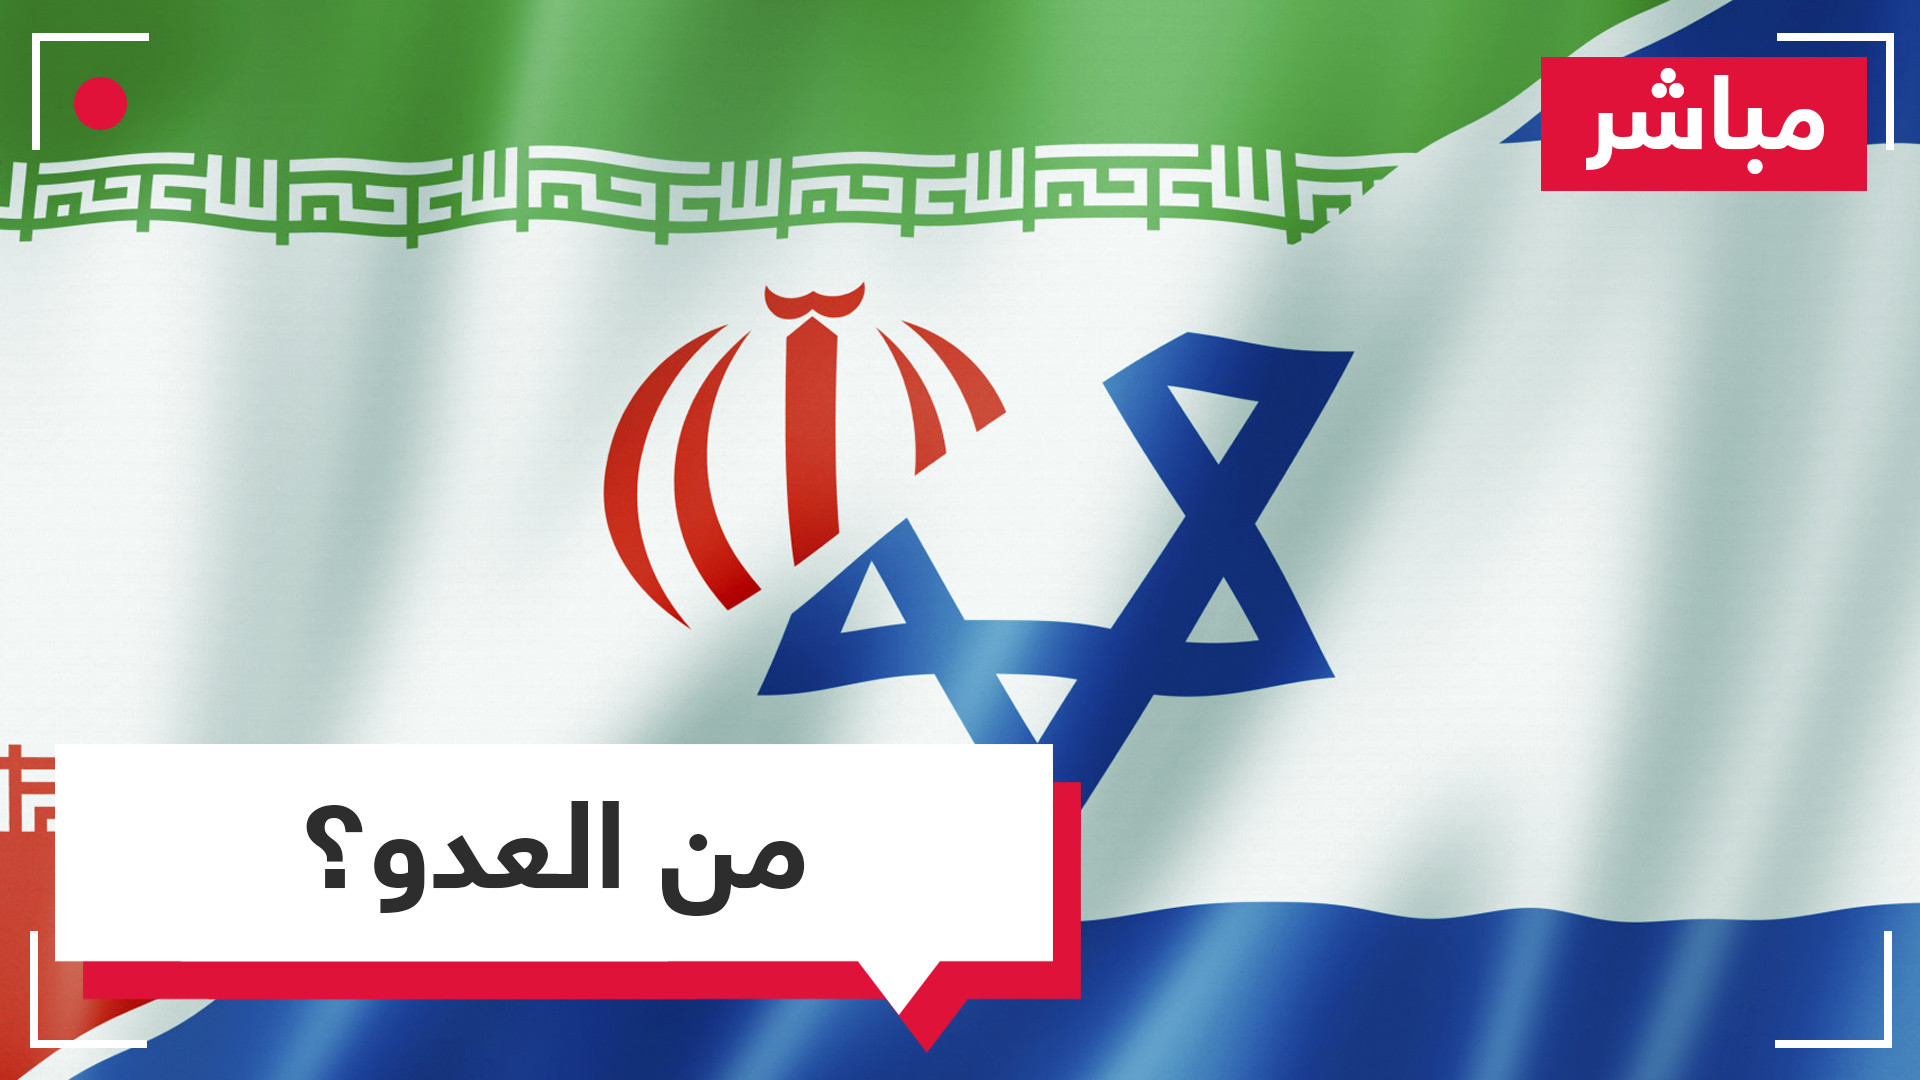 """بعد تهنئة زعماء عرب ومسلمين لنتنياهو.. هل استبدل العرب """"العدو الإسرائيلي"""" بإيران؟"""